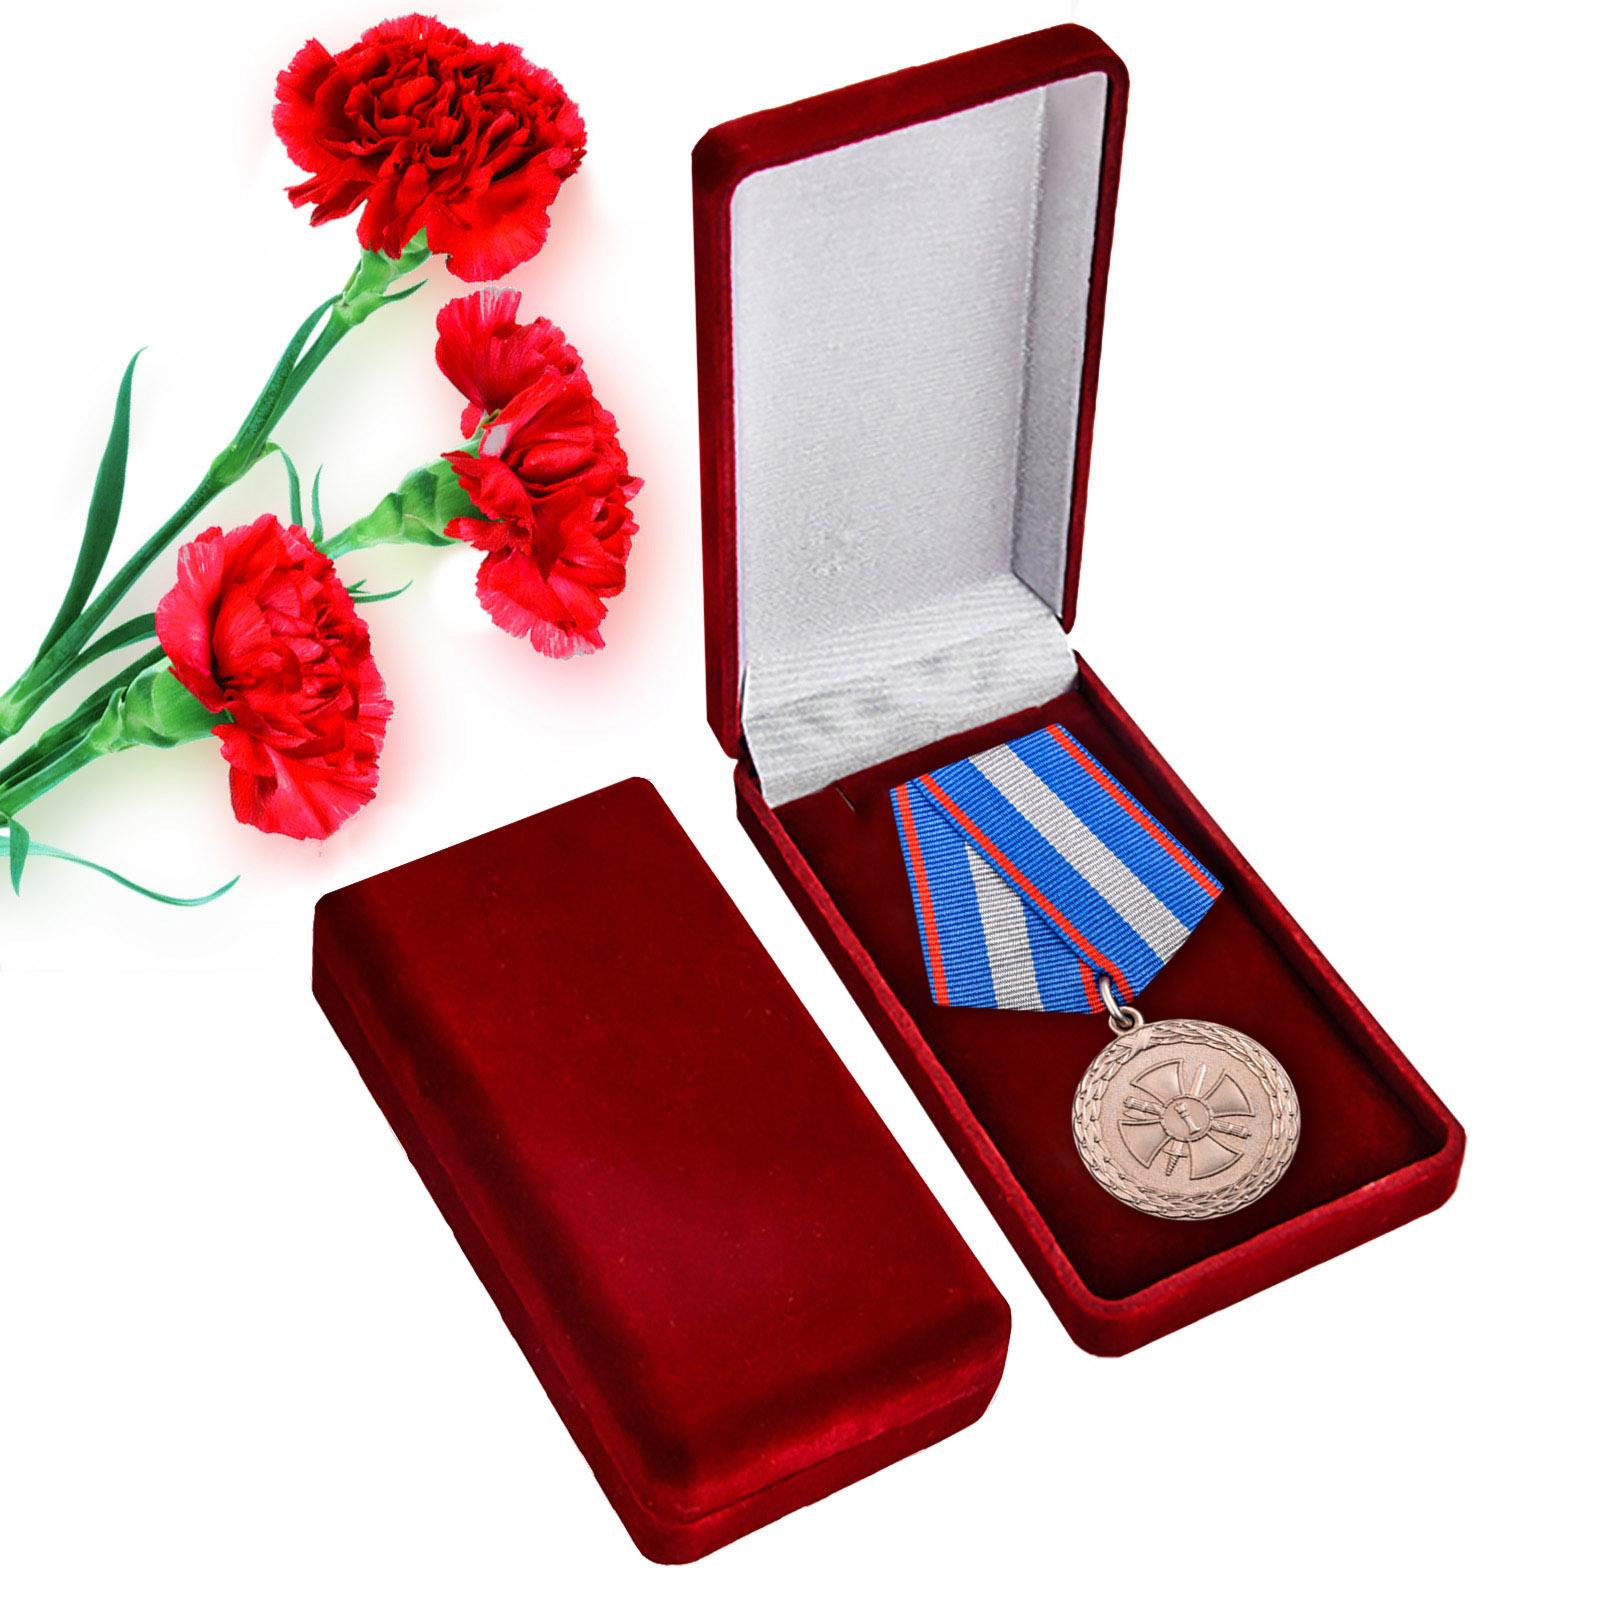 Купить медаль Министерства Юстиции За укрепление уголовно-исполнительной системы 2 степени онлайн